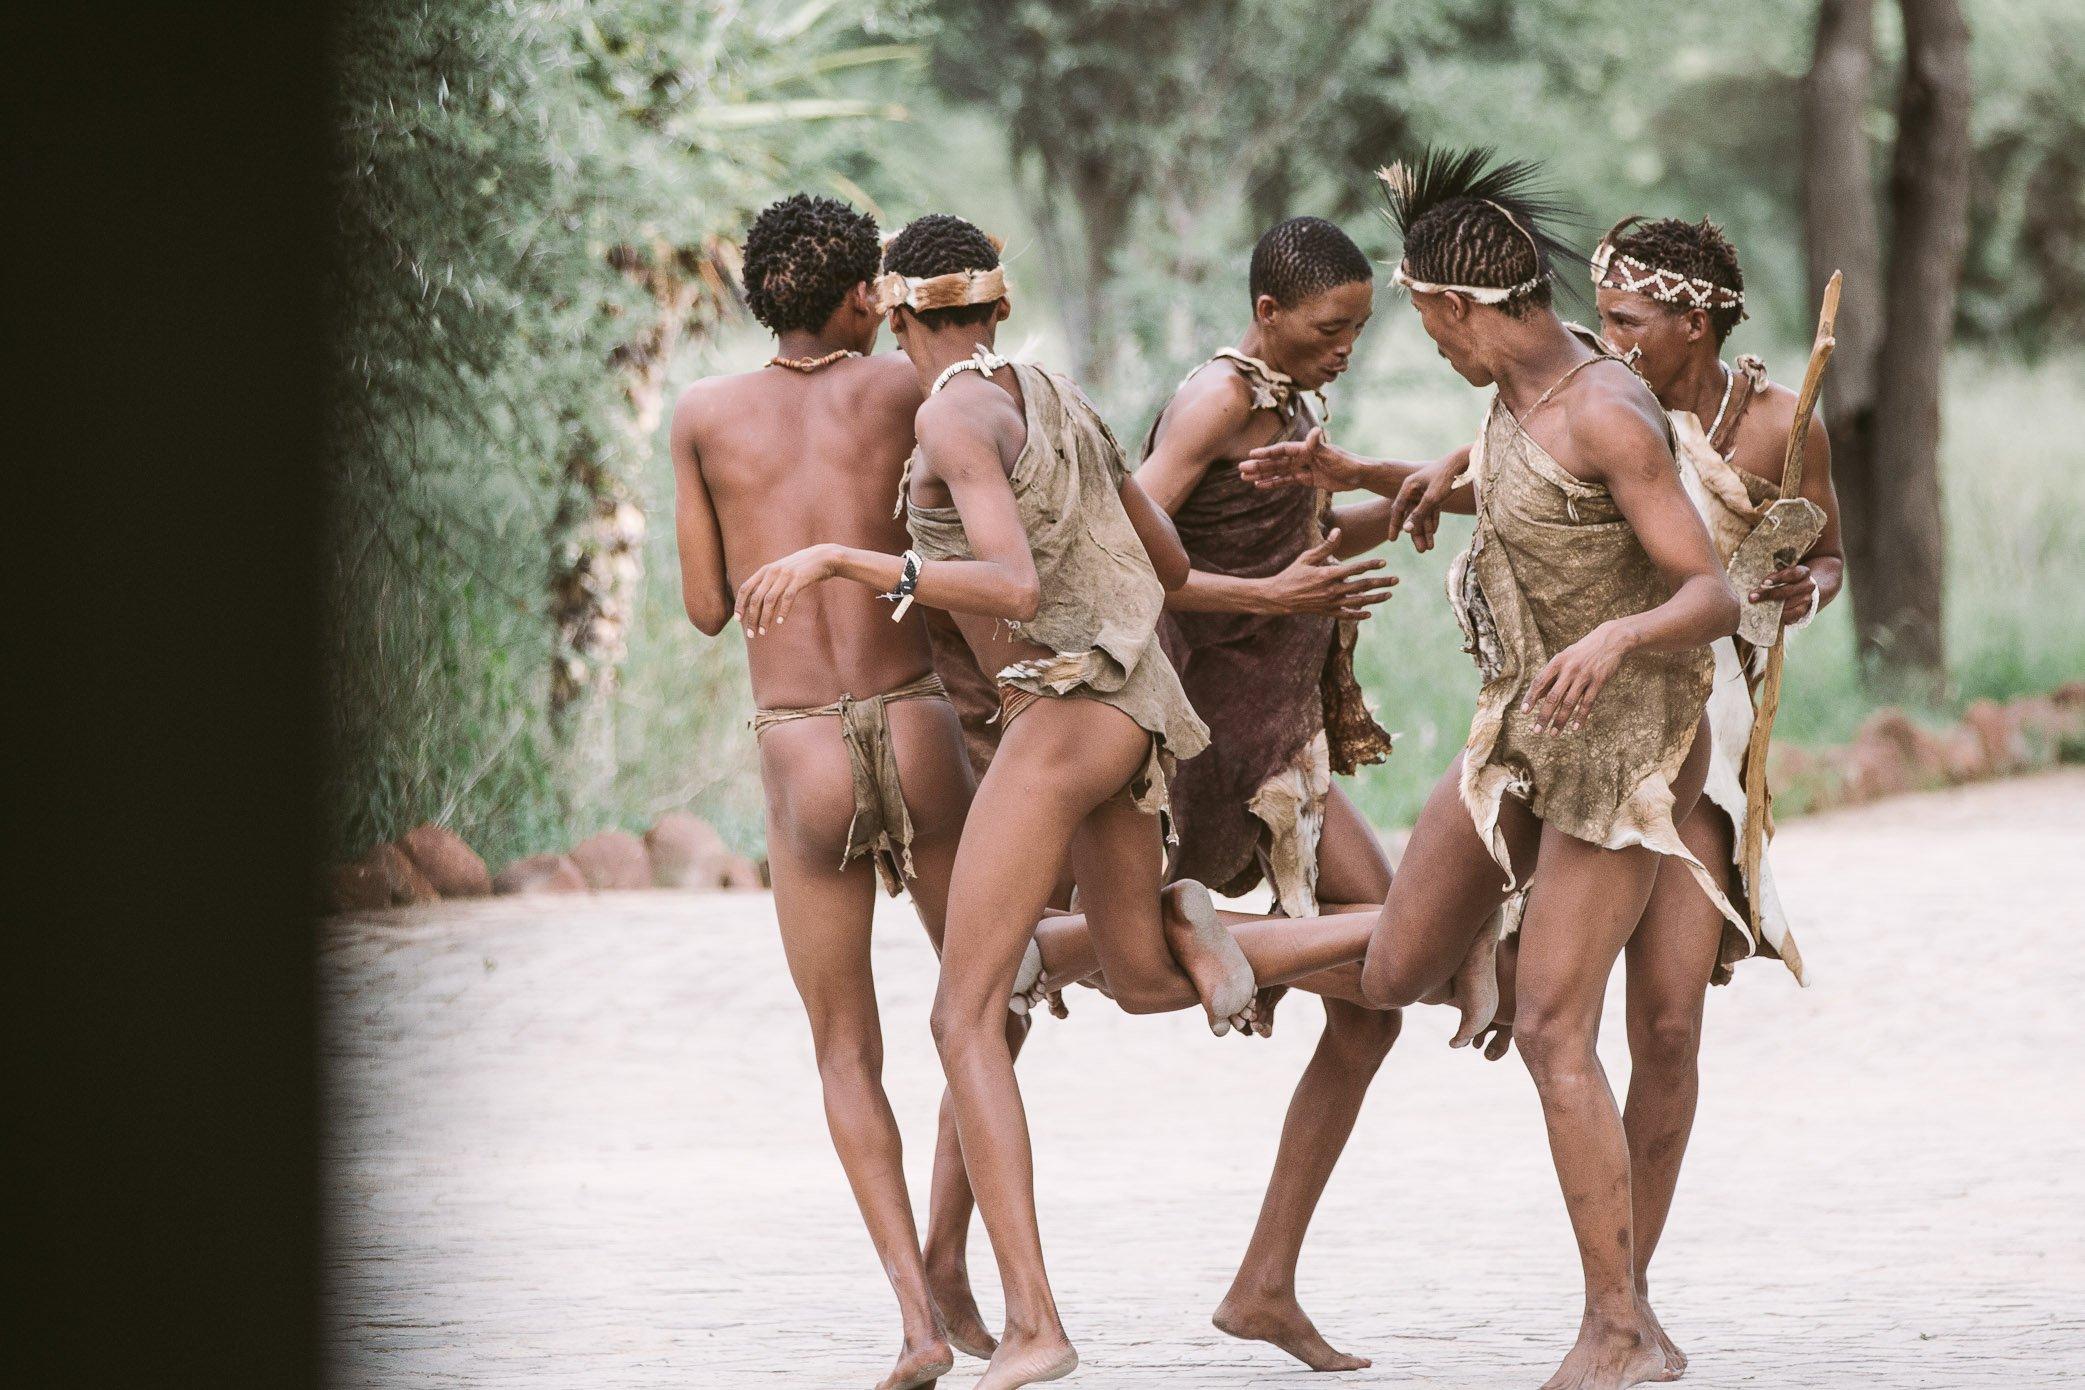 San people at Erindi Private Game Reserve